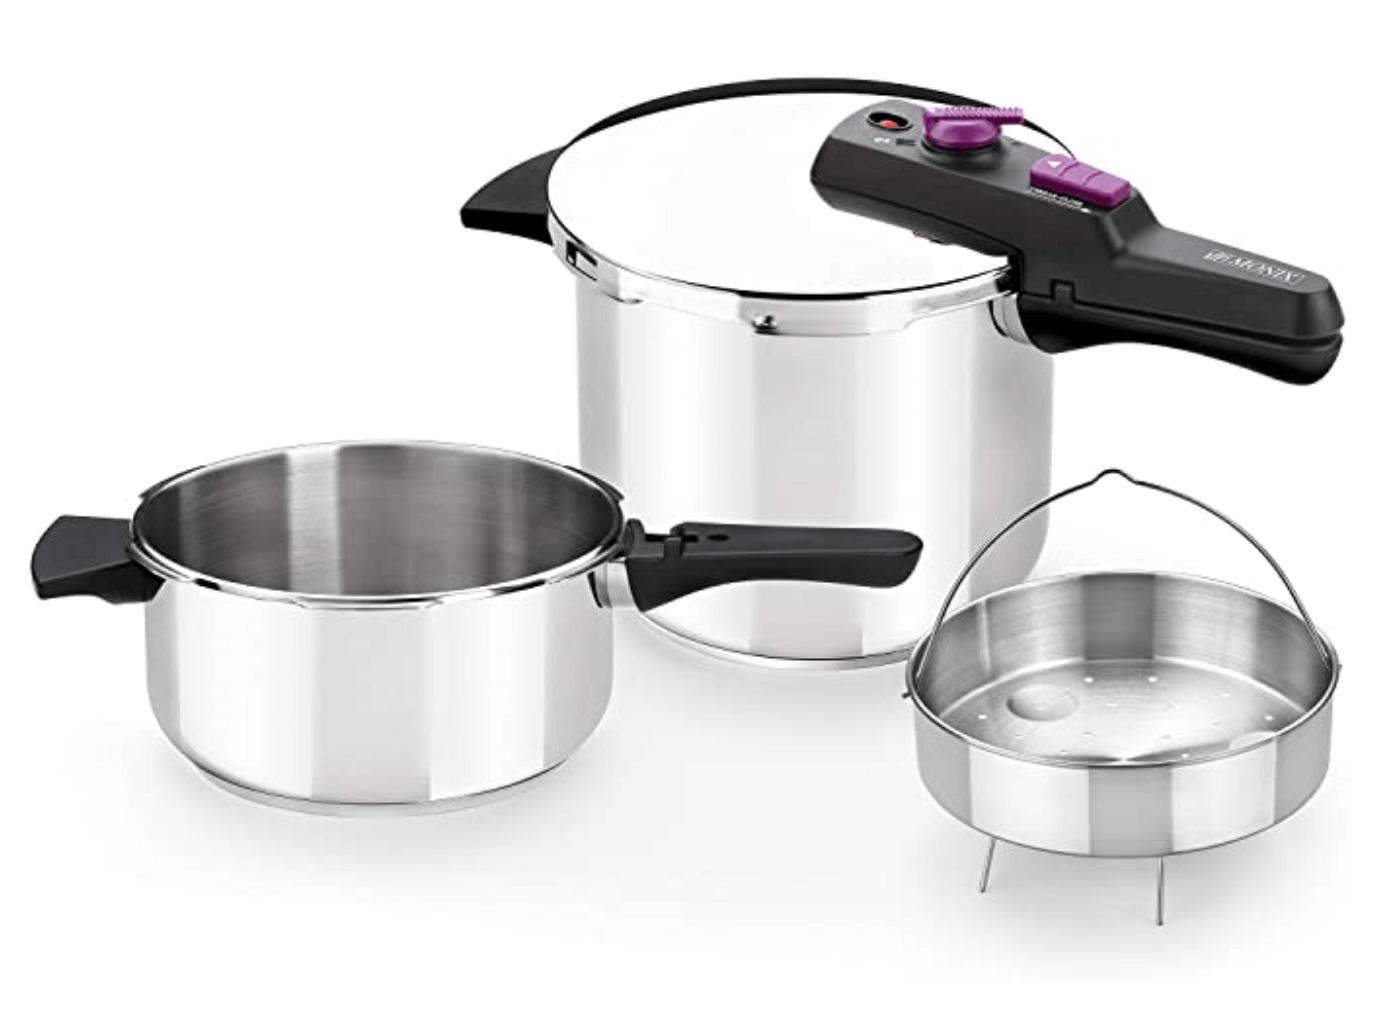 5 - Monix Tempo Duo - Set de ollas a presión 4+7 L incluye cestillo in acero inoxidable 18/10, apta para todo tipo de cocinas incluida inducción